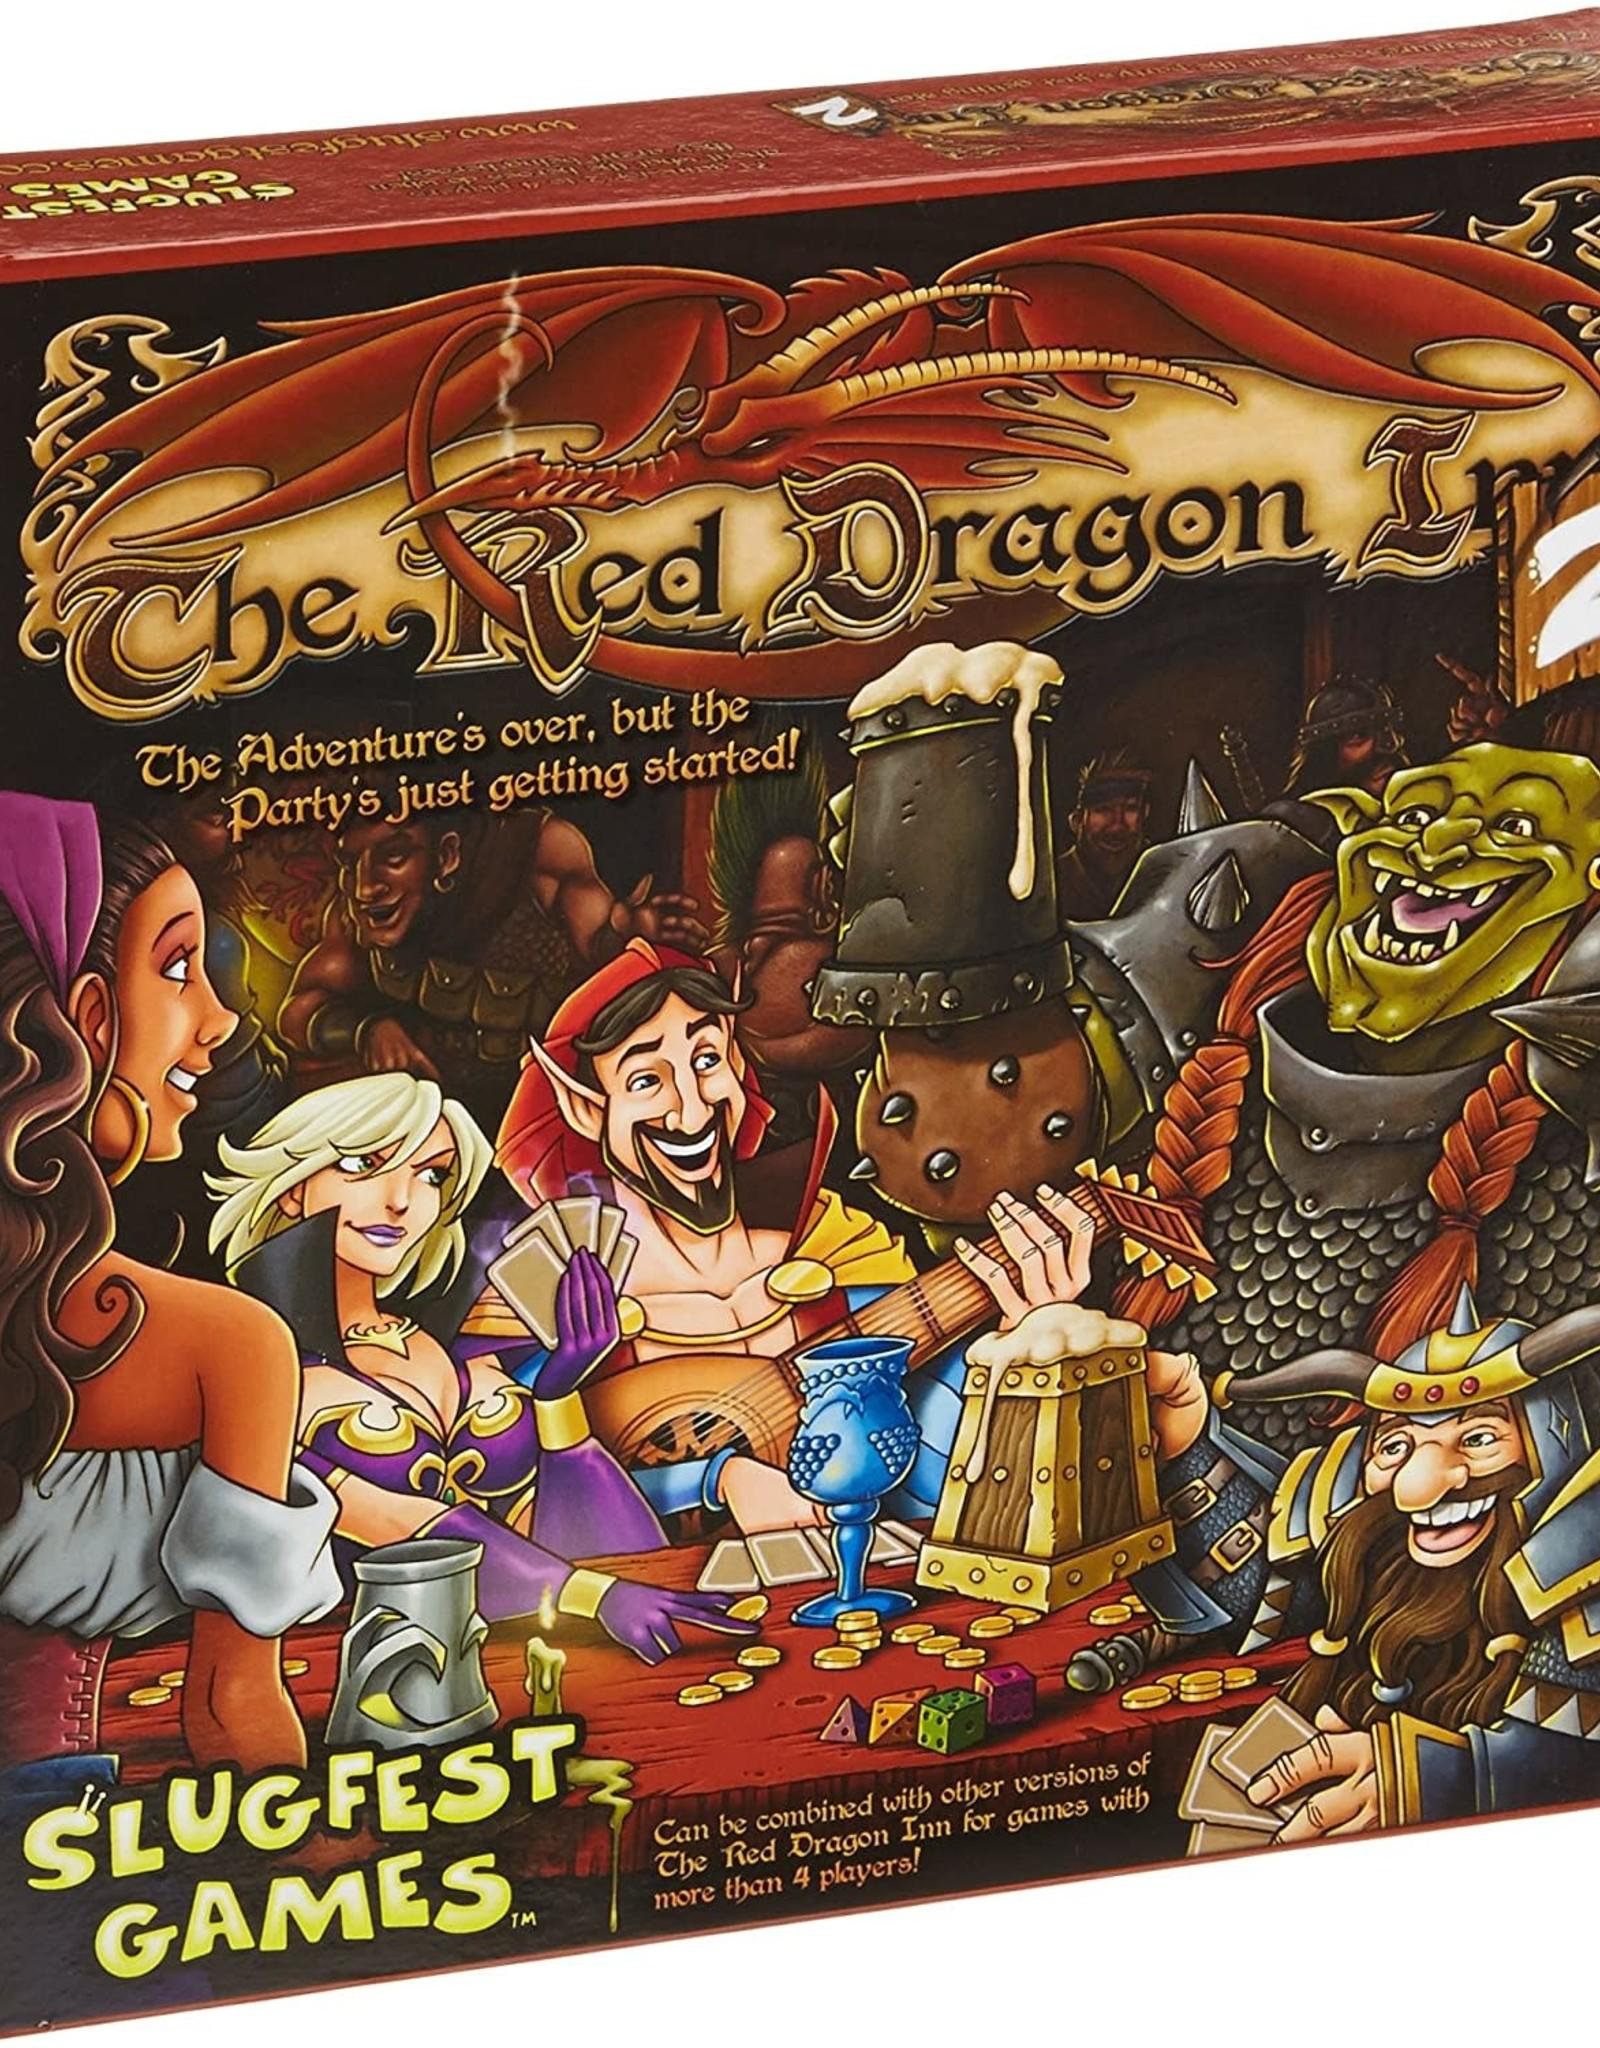 Red Dragon Inn Red Dragon Inn 2